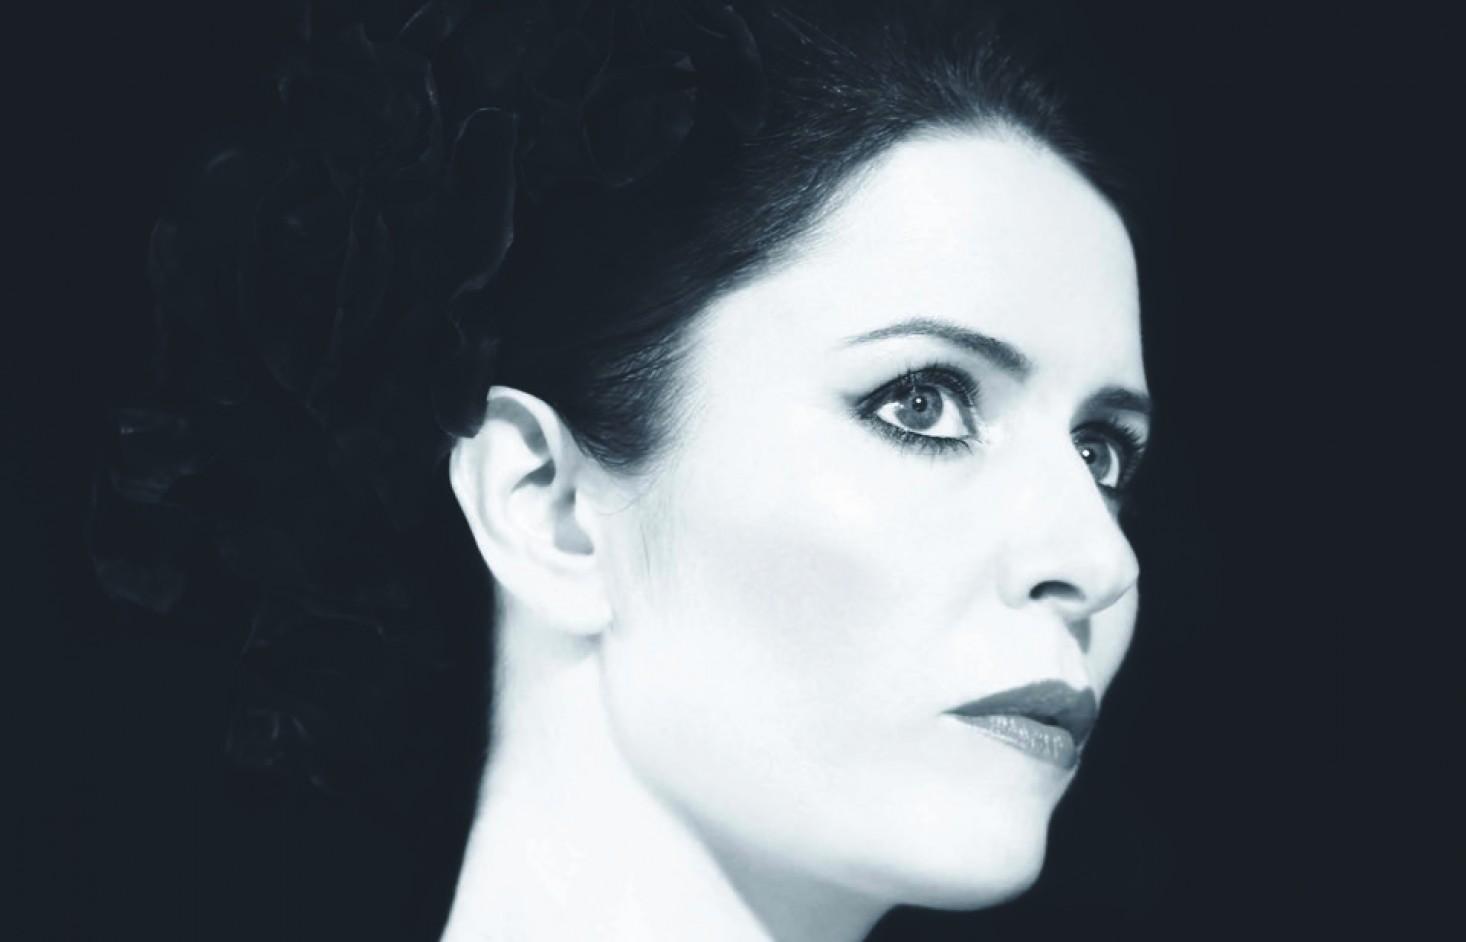 """Vinterjazz & DR Koncerthuset præsenterer Kira Skov """"Sings Billie Holiday"""" – ekstrakoncert d. 23. februar"""